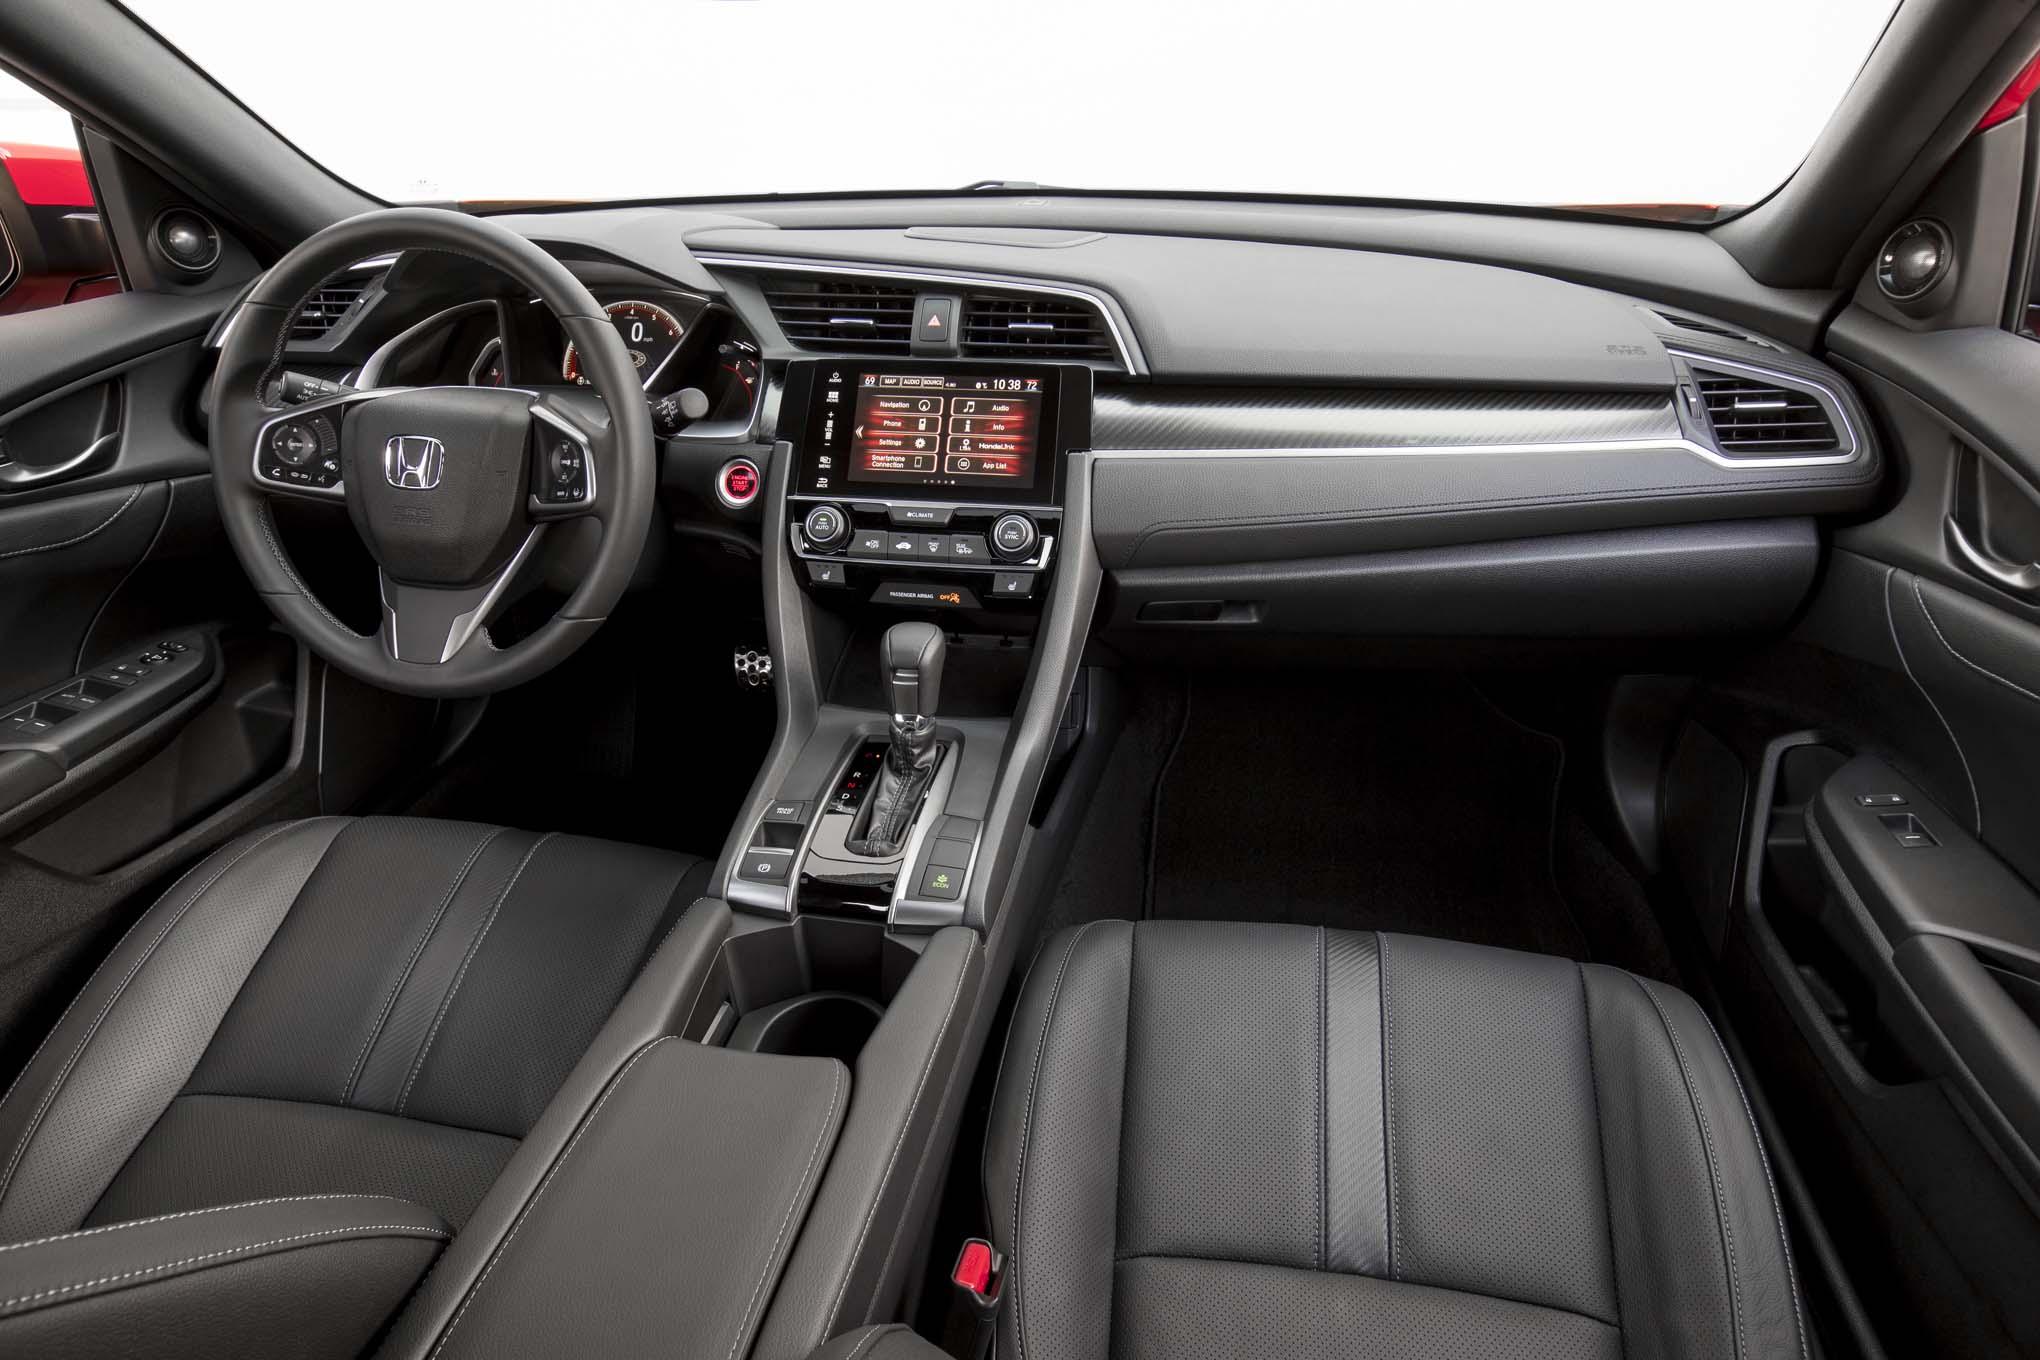 Civic Sedan Interior: 2017 Honda Civic Hatchback Starts At $20,535